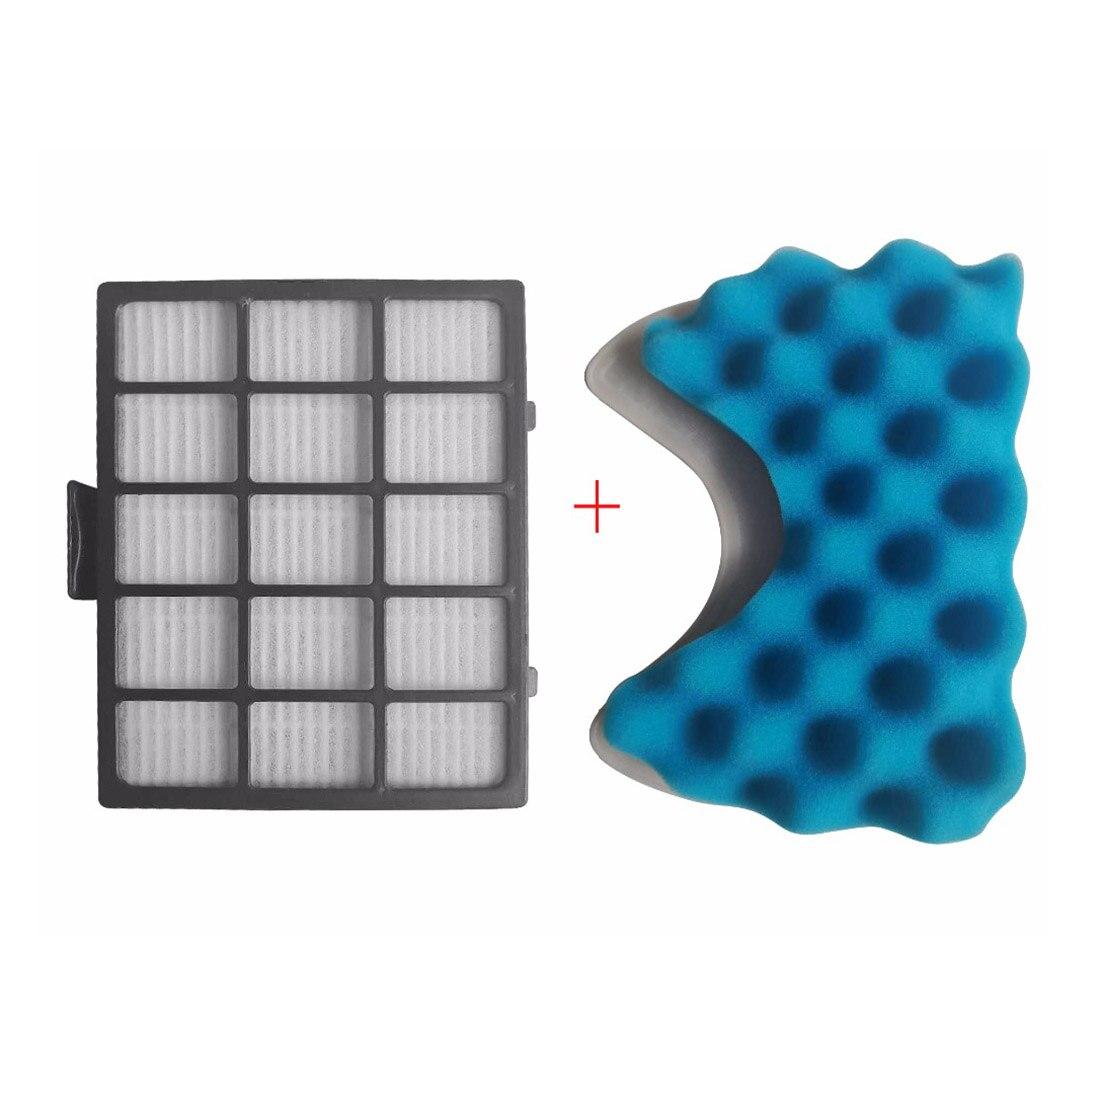 Фильтр для пылесоса запасные части фильтры и Губка фильтр для samsung DJ97-00492A SC6520 SC6530/40/50/60/70/80/90